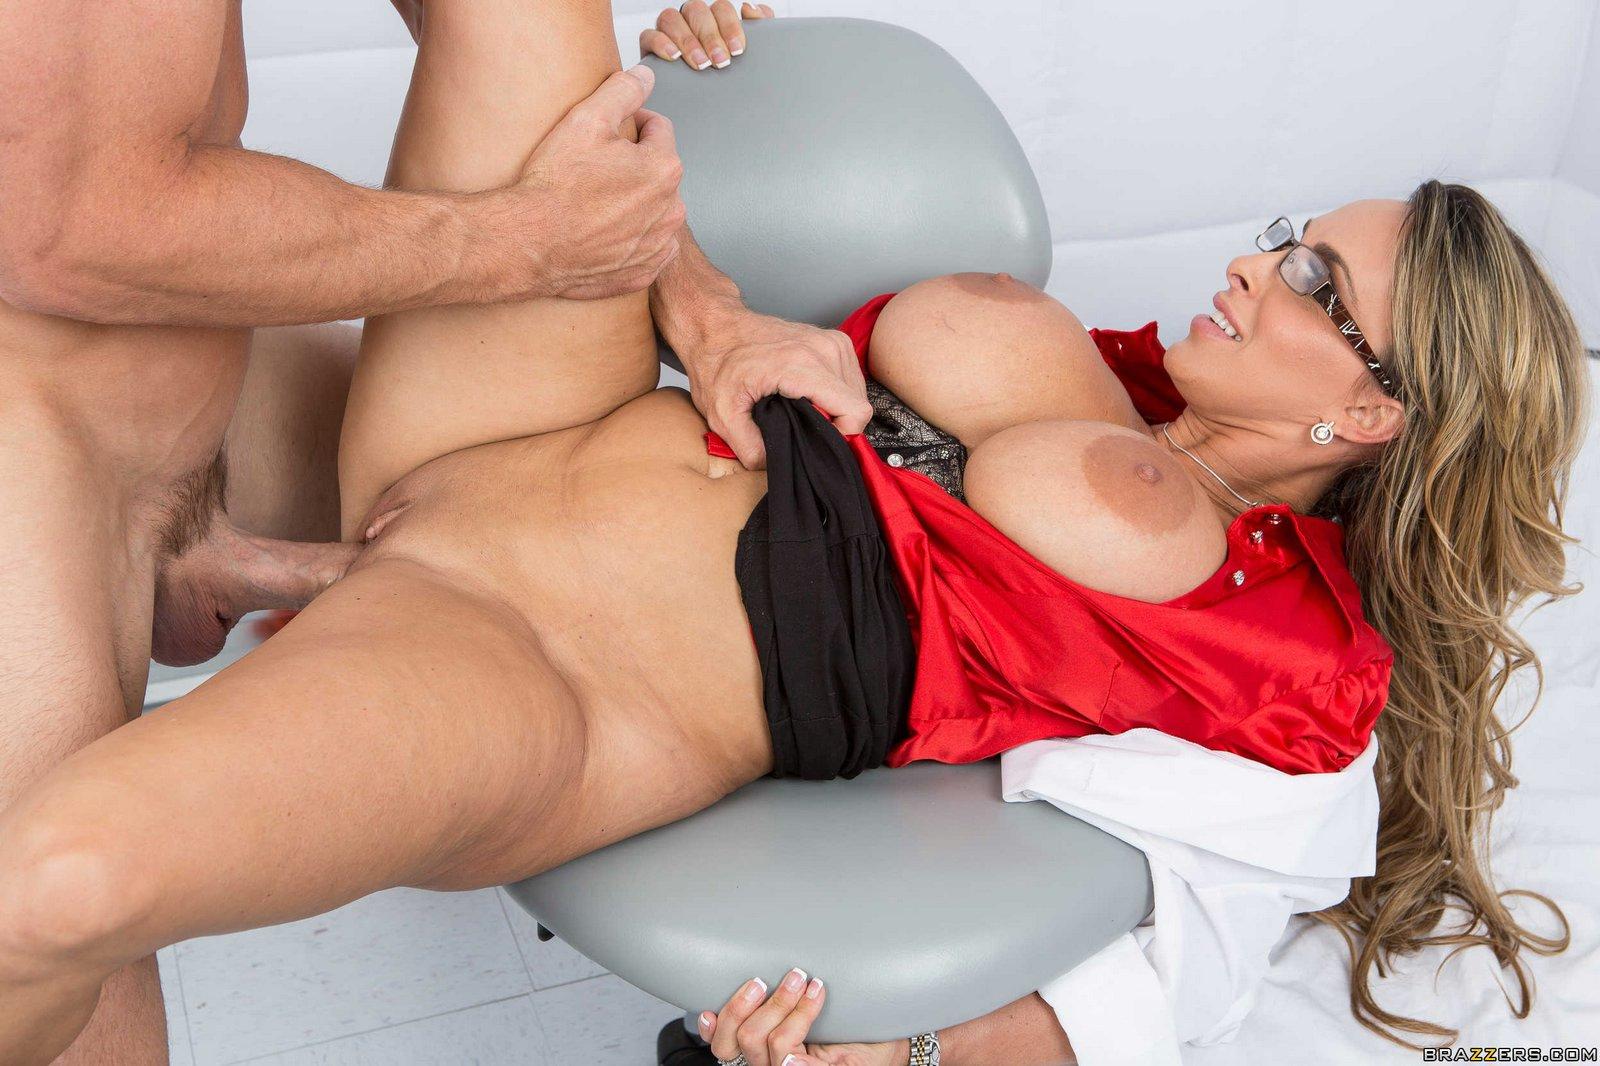 Холли халстон в порно с неграми, Все видео с Холли Халстон Holly Halston - смотри на 26 фотография